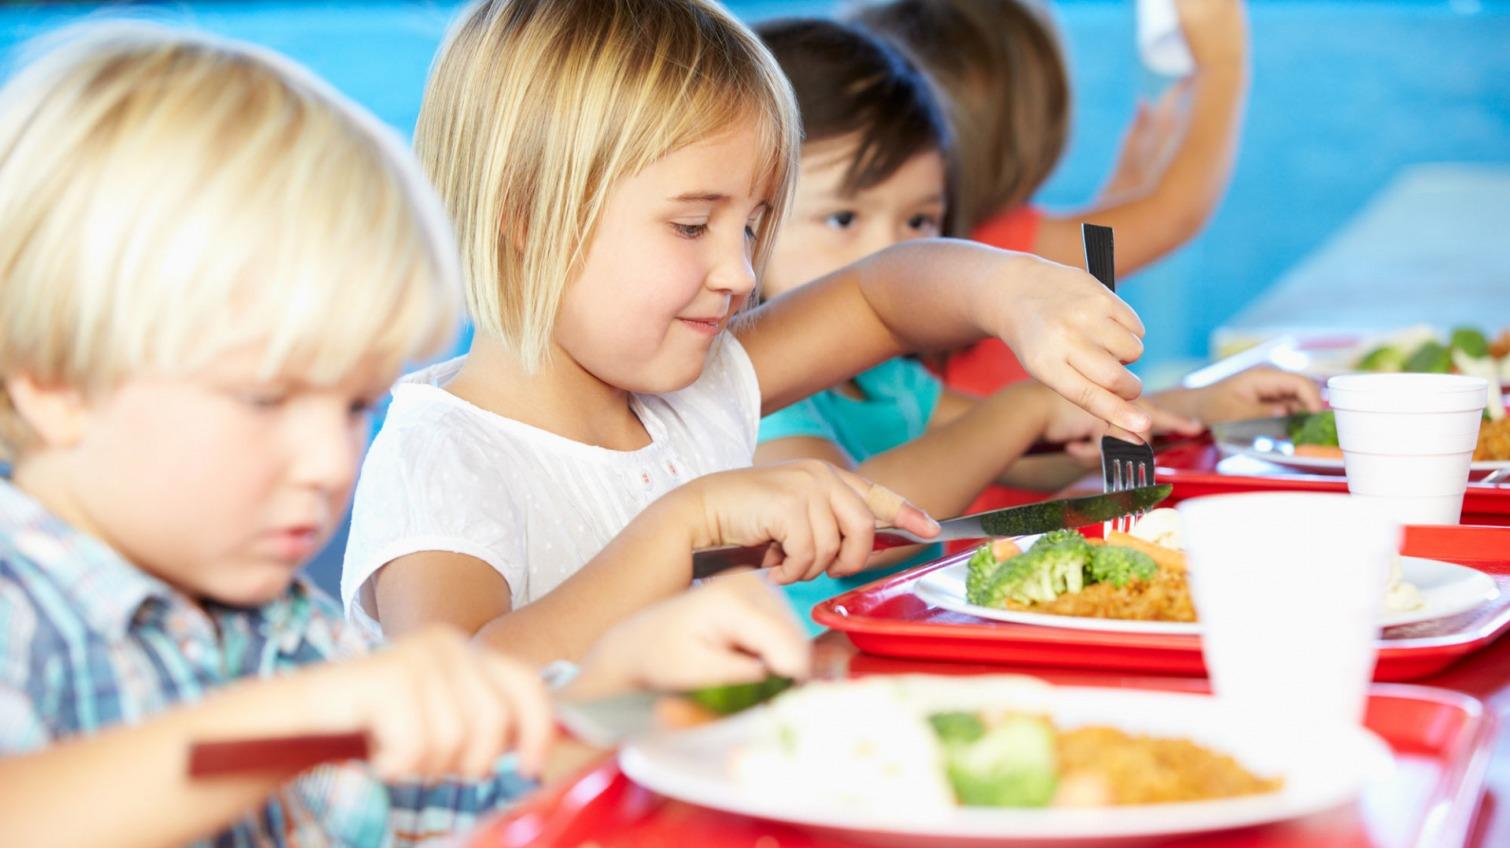 Школьники Одессы с удовольствием едят гречку, а для некоторых готовят спецменю (фото, аудио) «фото»